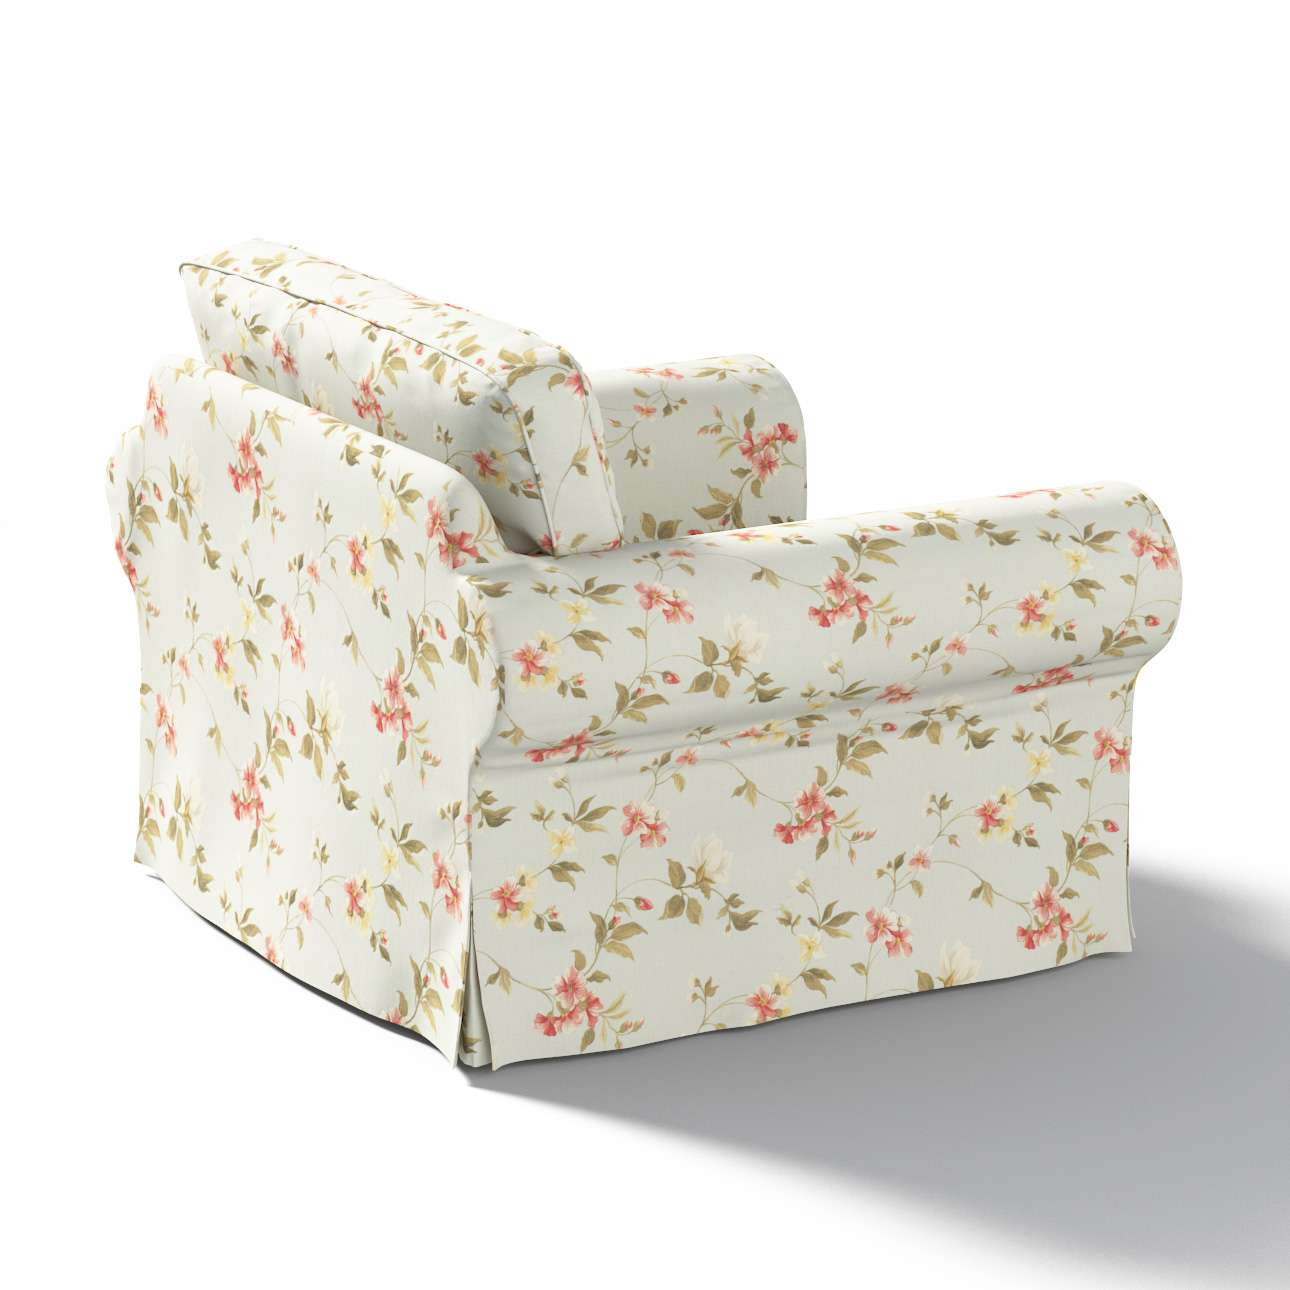 EKTORP fotelio užvalkalas Ektorp fotelio užvalkalas kolekcijoje Londres, audinys: 124-65